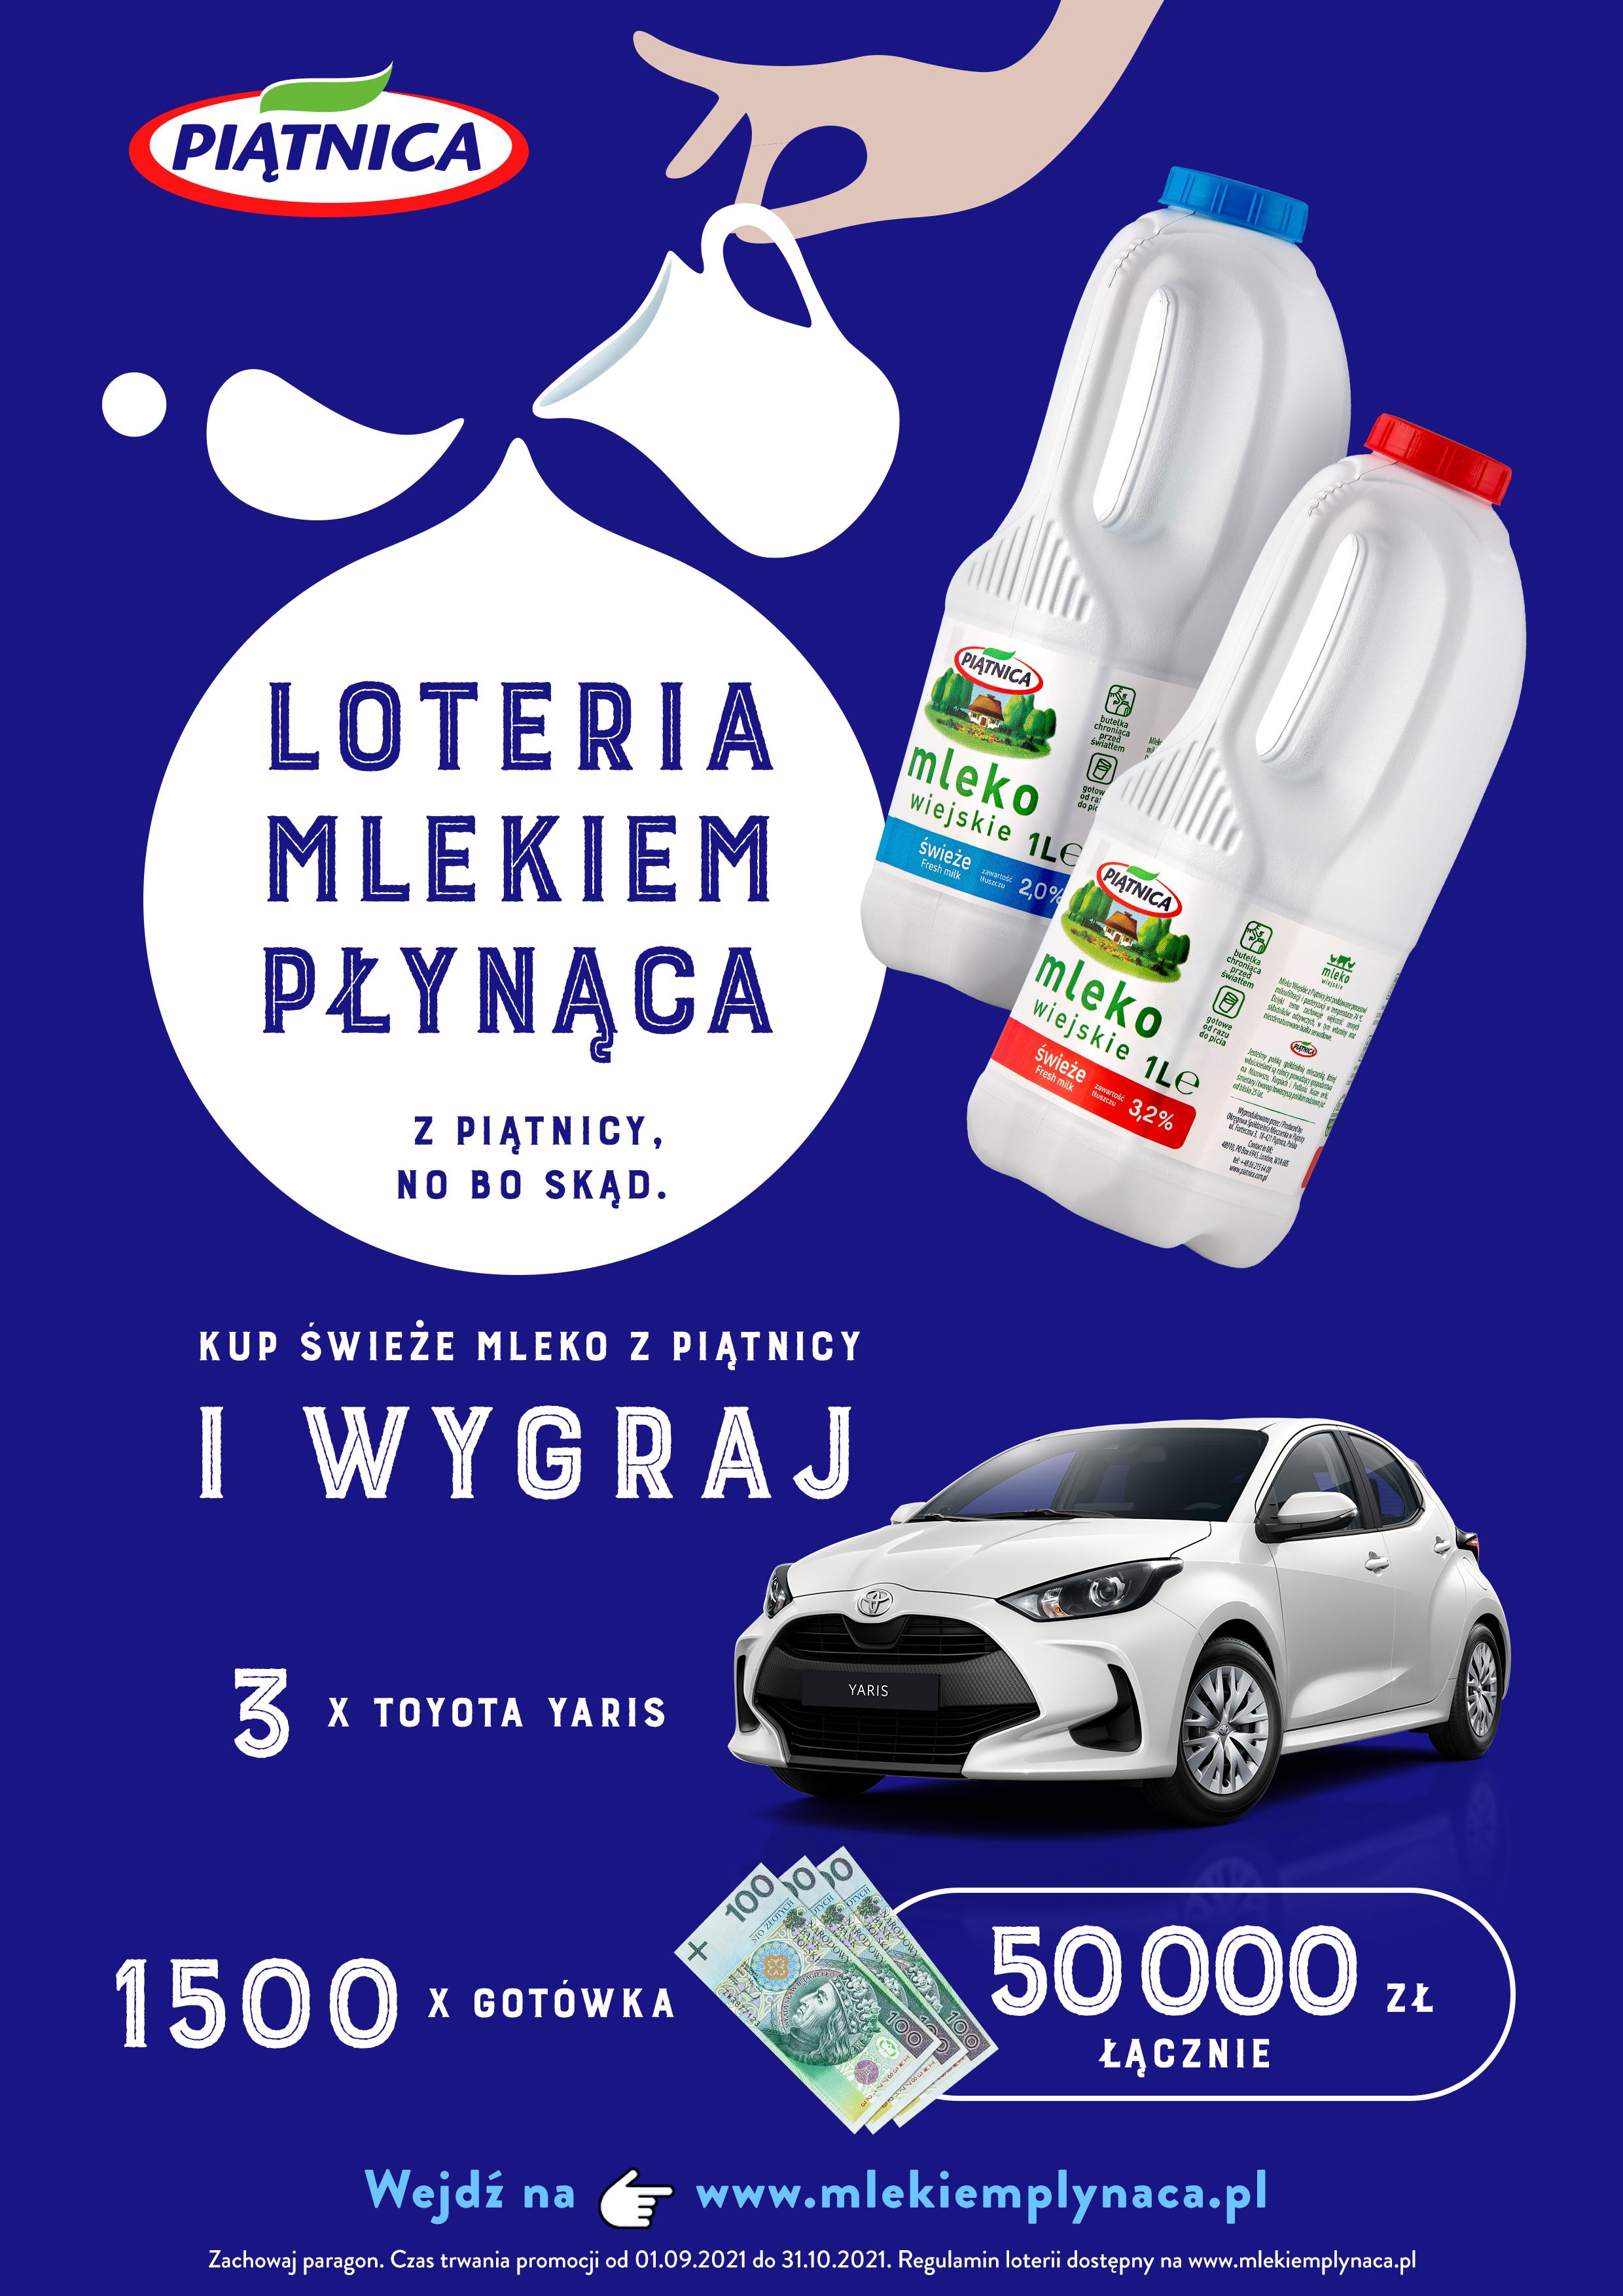 """Startuje """"Loteria mlekiem płynąca"""" OSM Piątnica"""